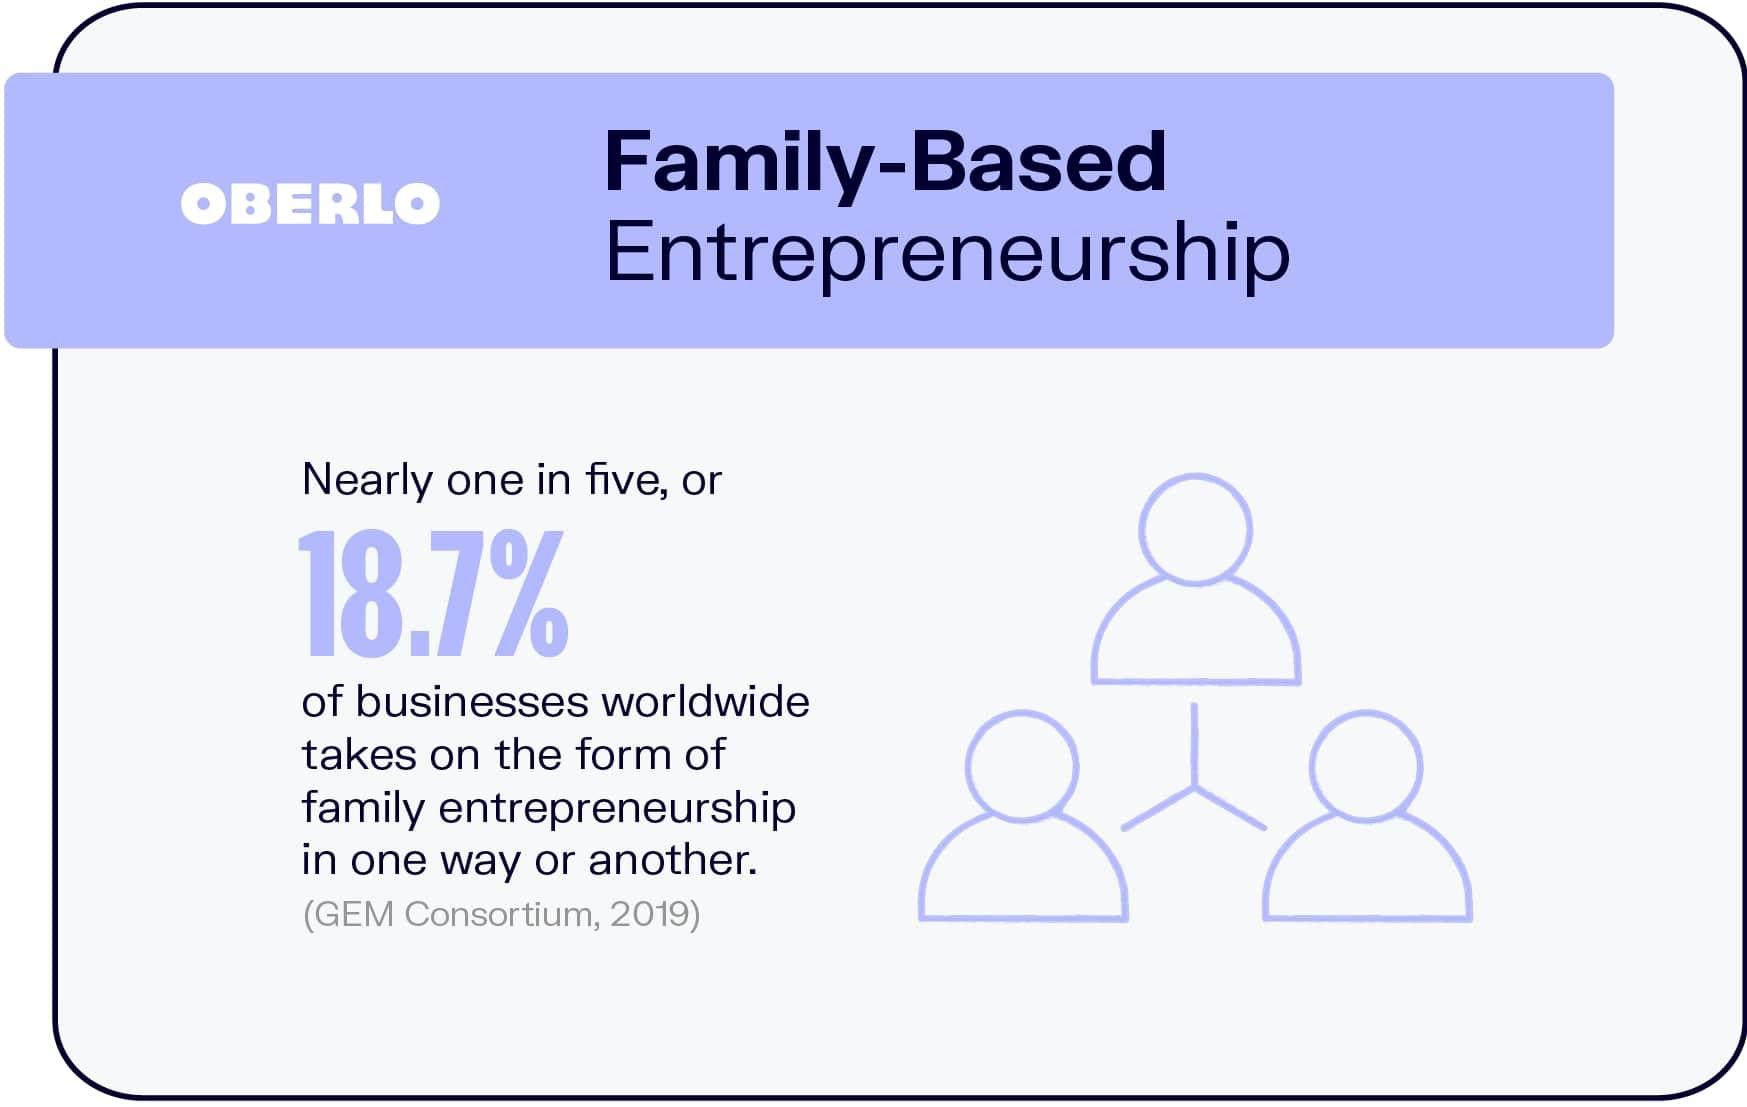 Family-Based Entrepreneurship